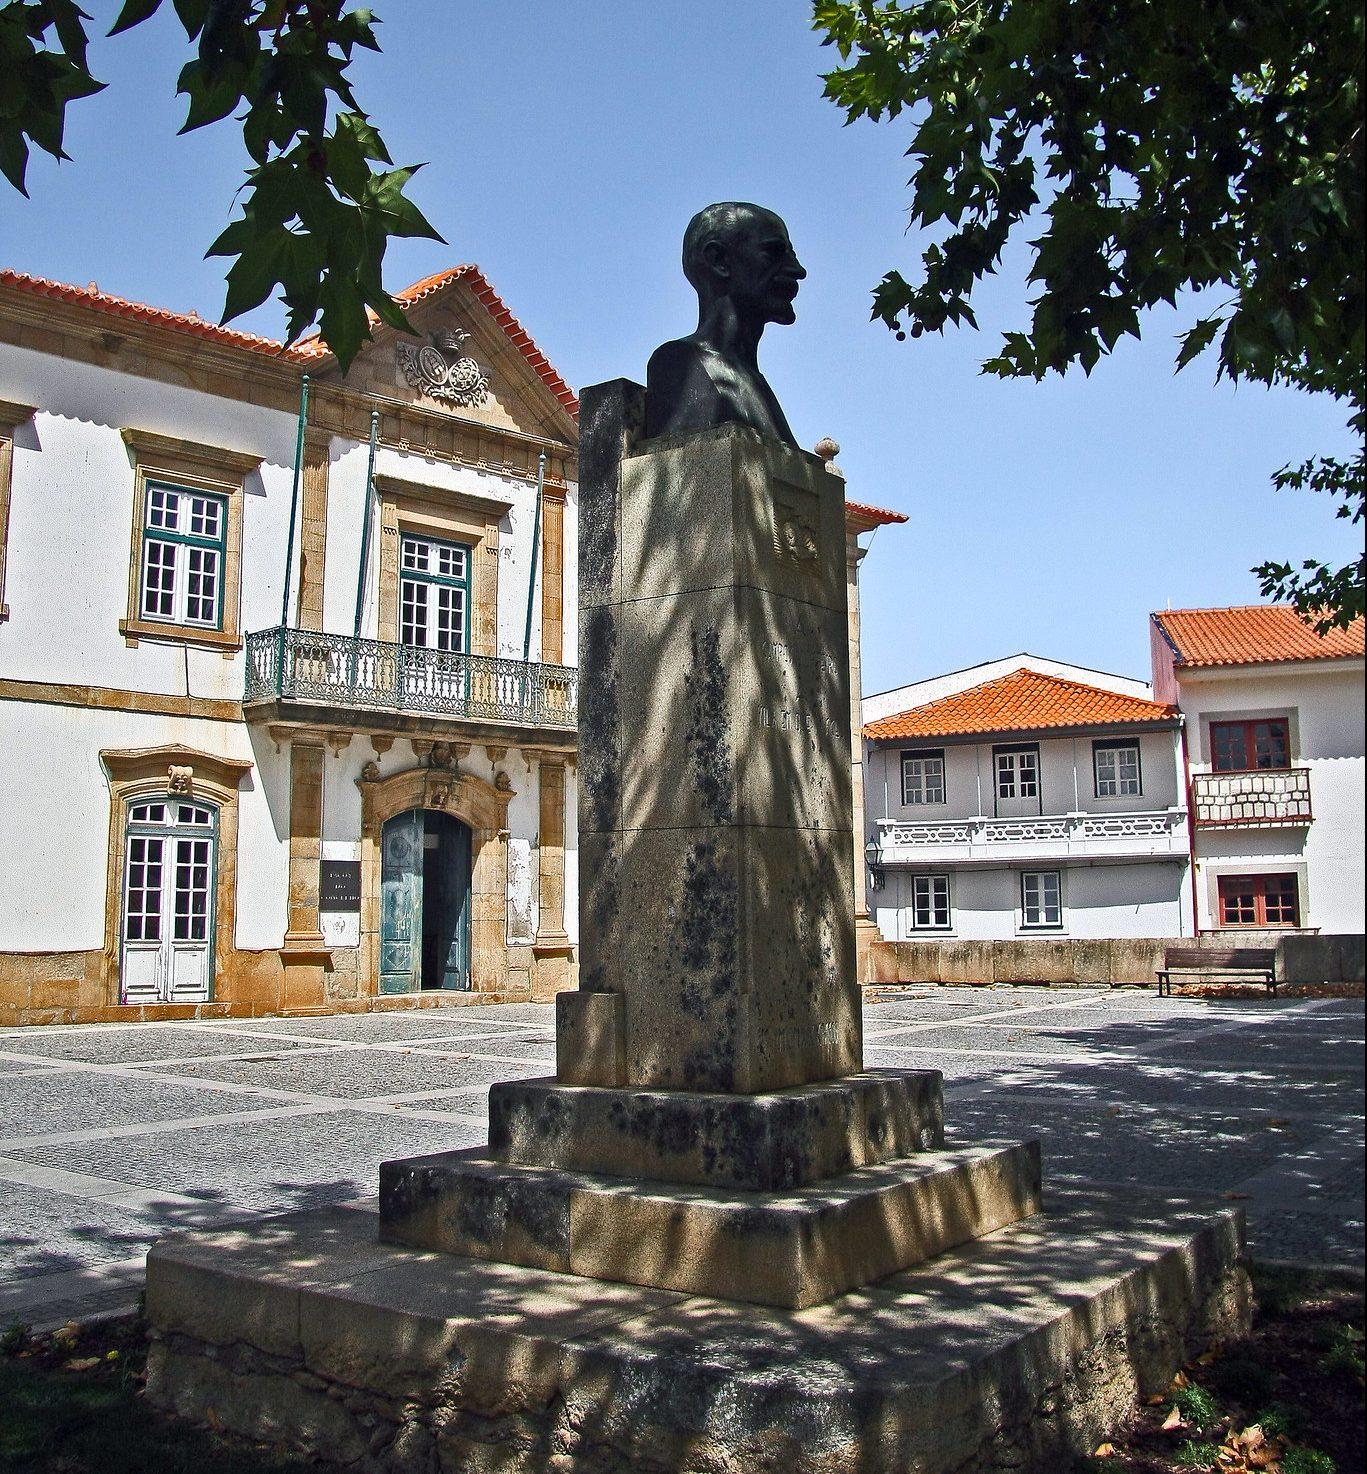 Busto retirado do castelo gera polémica em Torre de Moncorvo